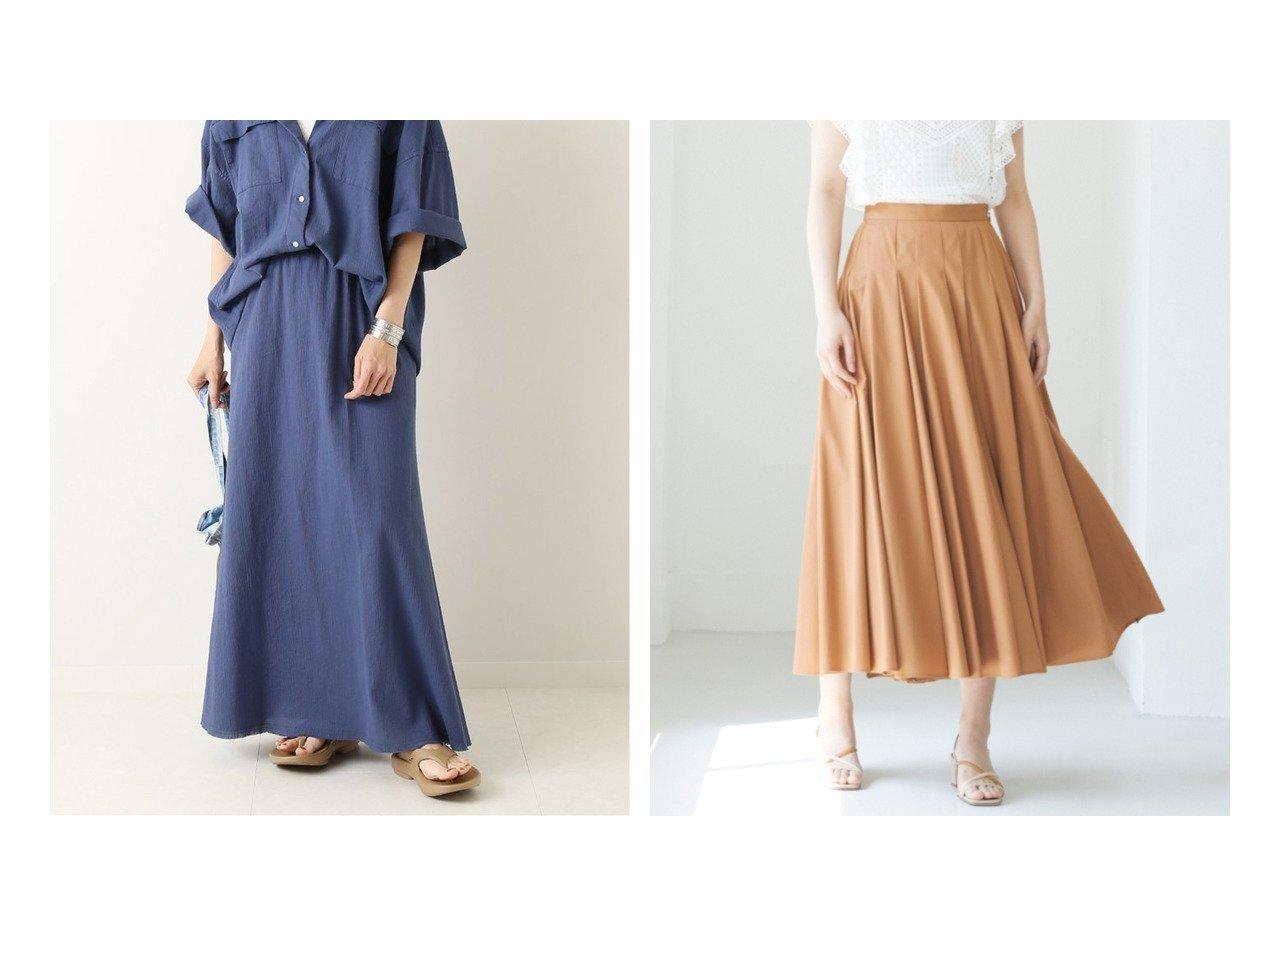 【ANAYI/アナイ】のコンパクトコットンフレア スカート&【FRAMeWORK/フレームワーク】の楊柳製品染めスカート 【スカート】おすすめ!人気、トレンド・レディースファッションの通販 おすすめで人気の流行・トレンド、ファッションの通販商品 インテリア・家具・メンズファッション・キッズファッション・レディースファッション・服の通販 founy(ファニー) https://founy.com/ ファッション Fashion レディースファッション WOMEN スカート Skirt Aライン/フレアスカート Flared A-Line Skirts 2021年 2021 2021春夏・S/S SS/Spring/Summer/2021 S/S・春夏 SS・Spring/Summer セットアップ リラックス ヴィンテージ 再入荷 Restock/Back in Stock/Re Arrival カットソー ギャザー シンプル ジャケット なめらか フレア 夏 Summer |ID:crp329100000054056